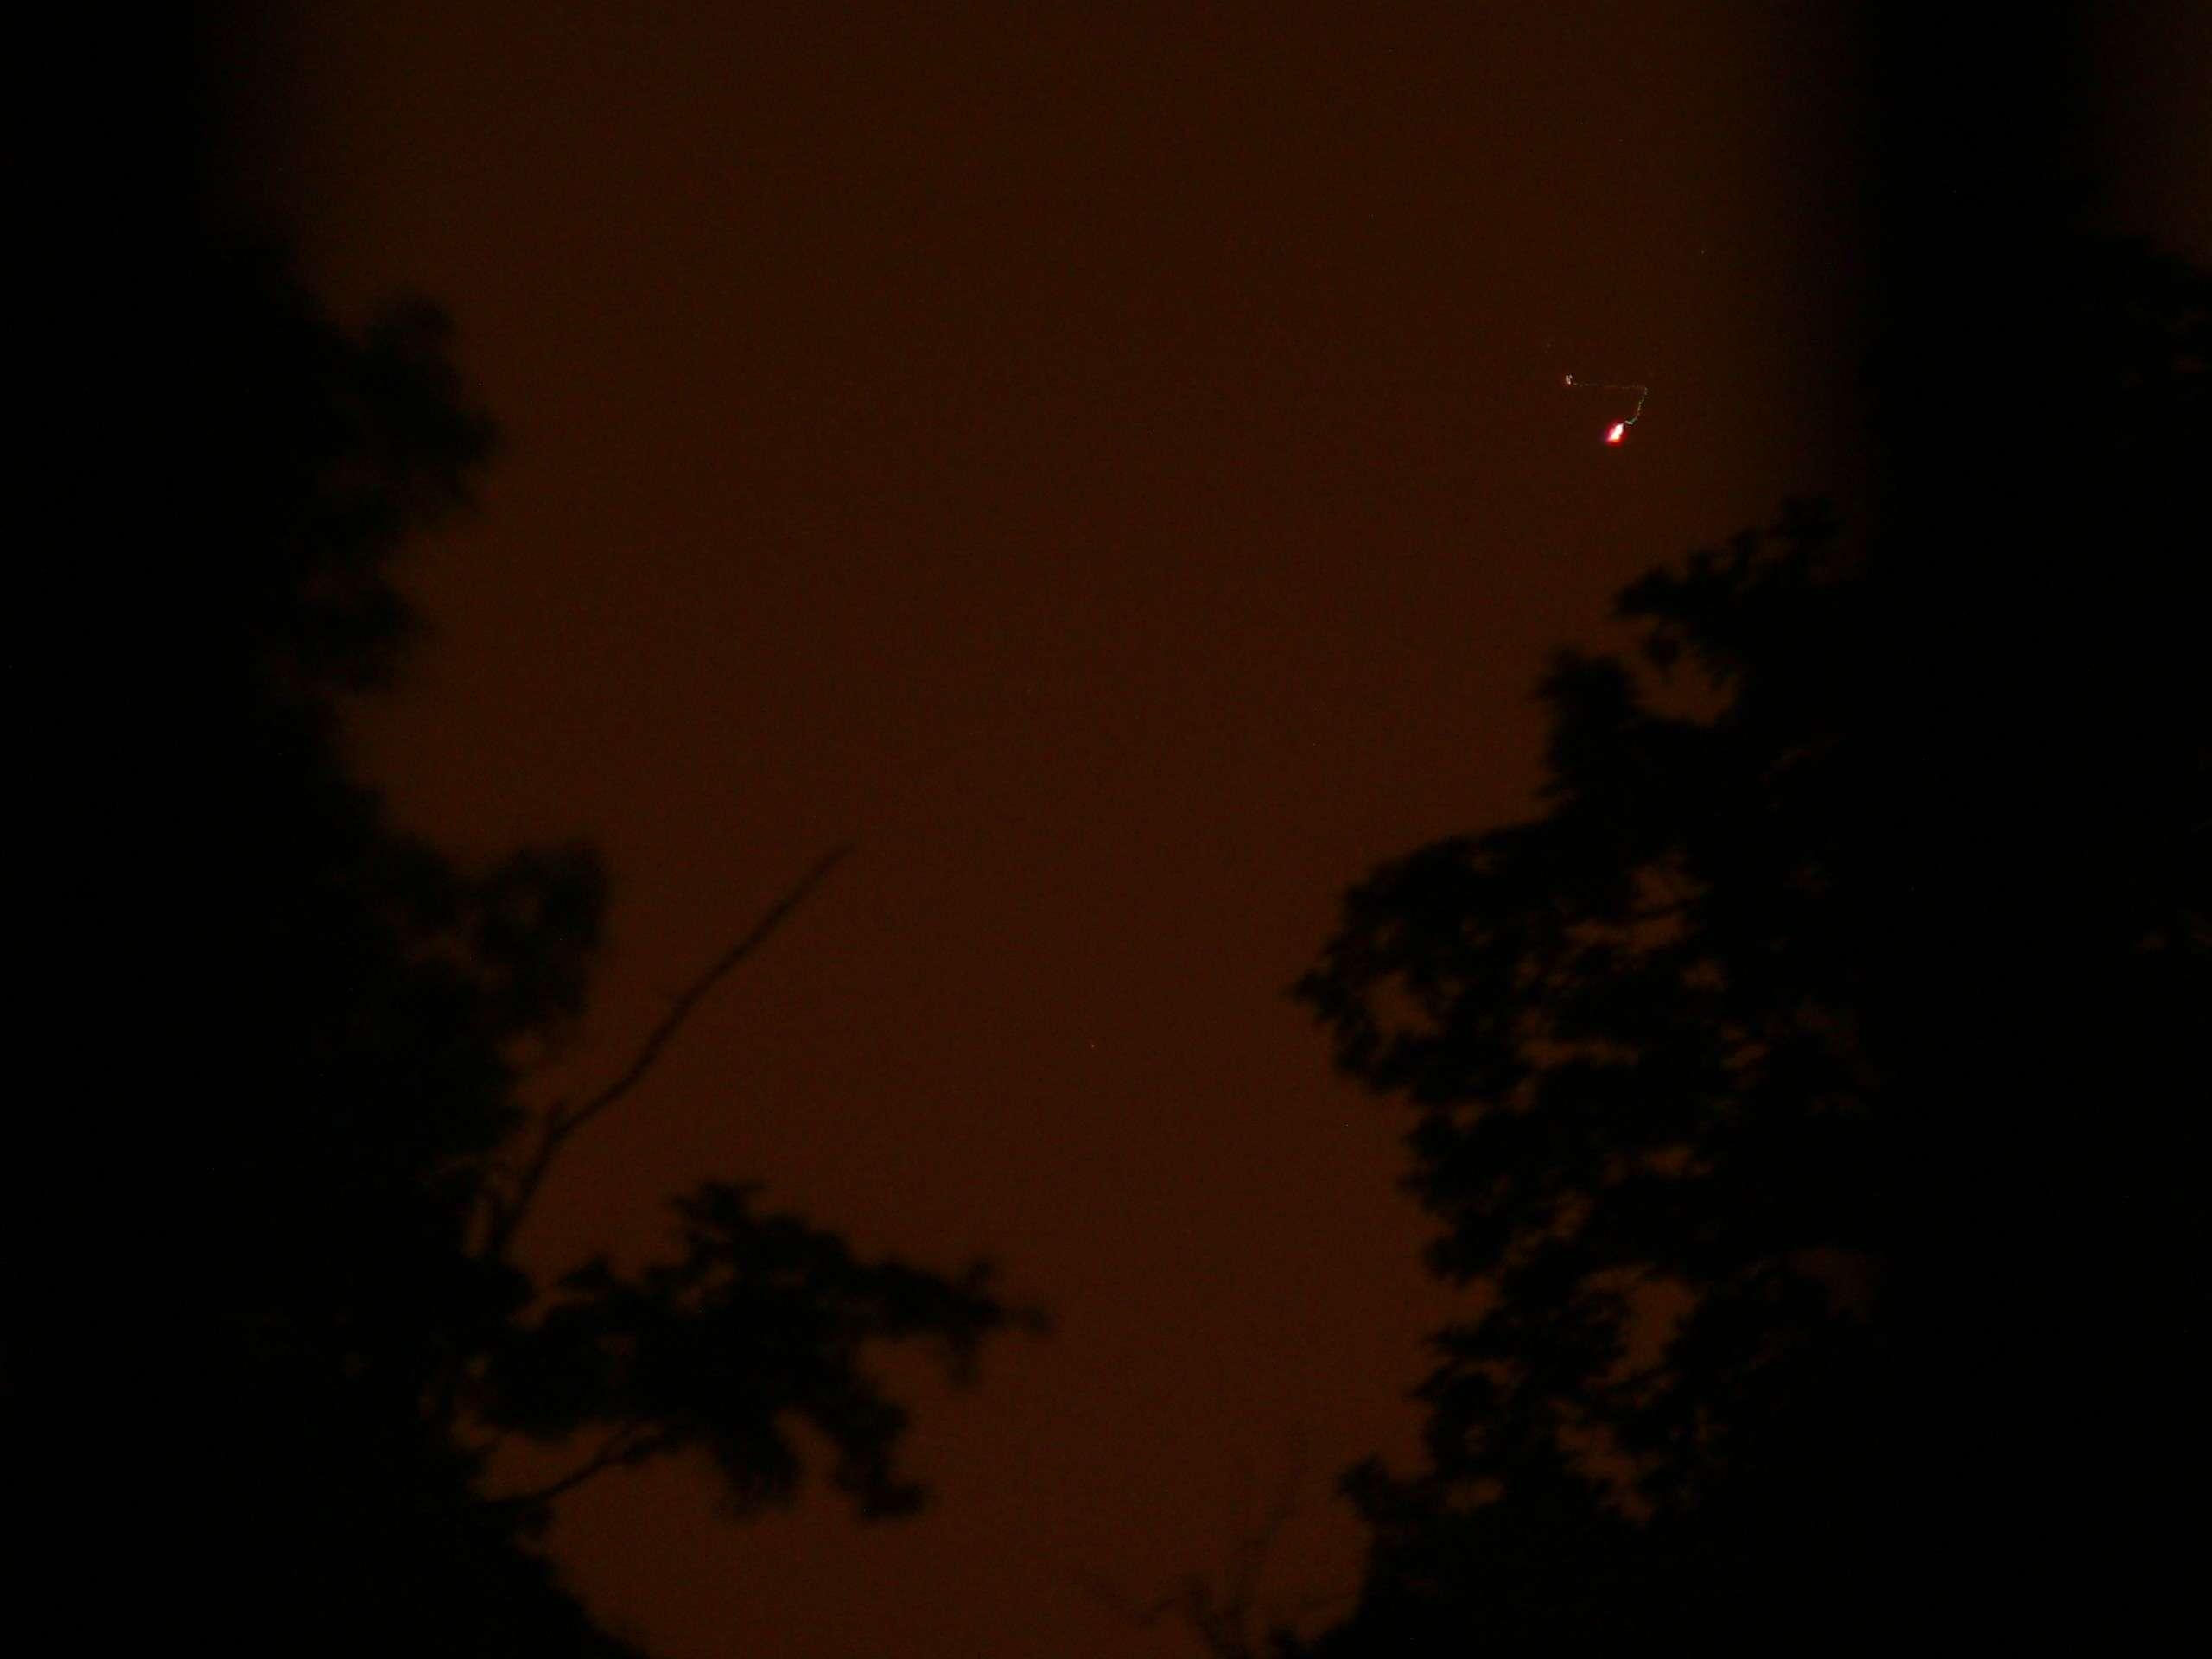 Plateau de Saclay (91) nuit du 24 au 25 mai 2011 : lumières mouvantes - Page 2 P1200424